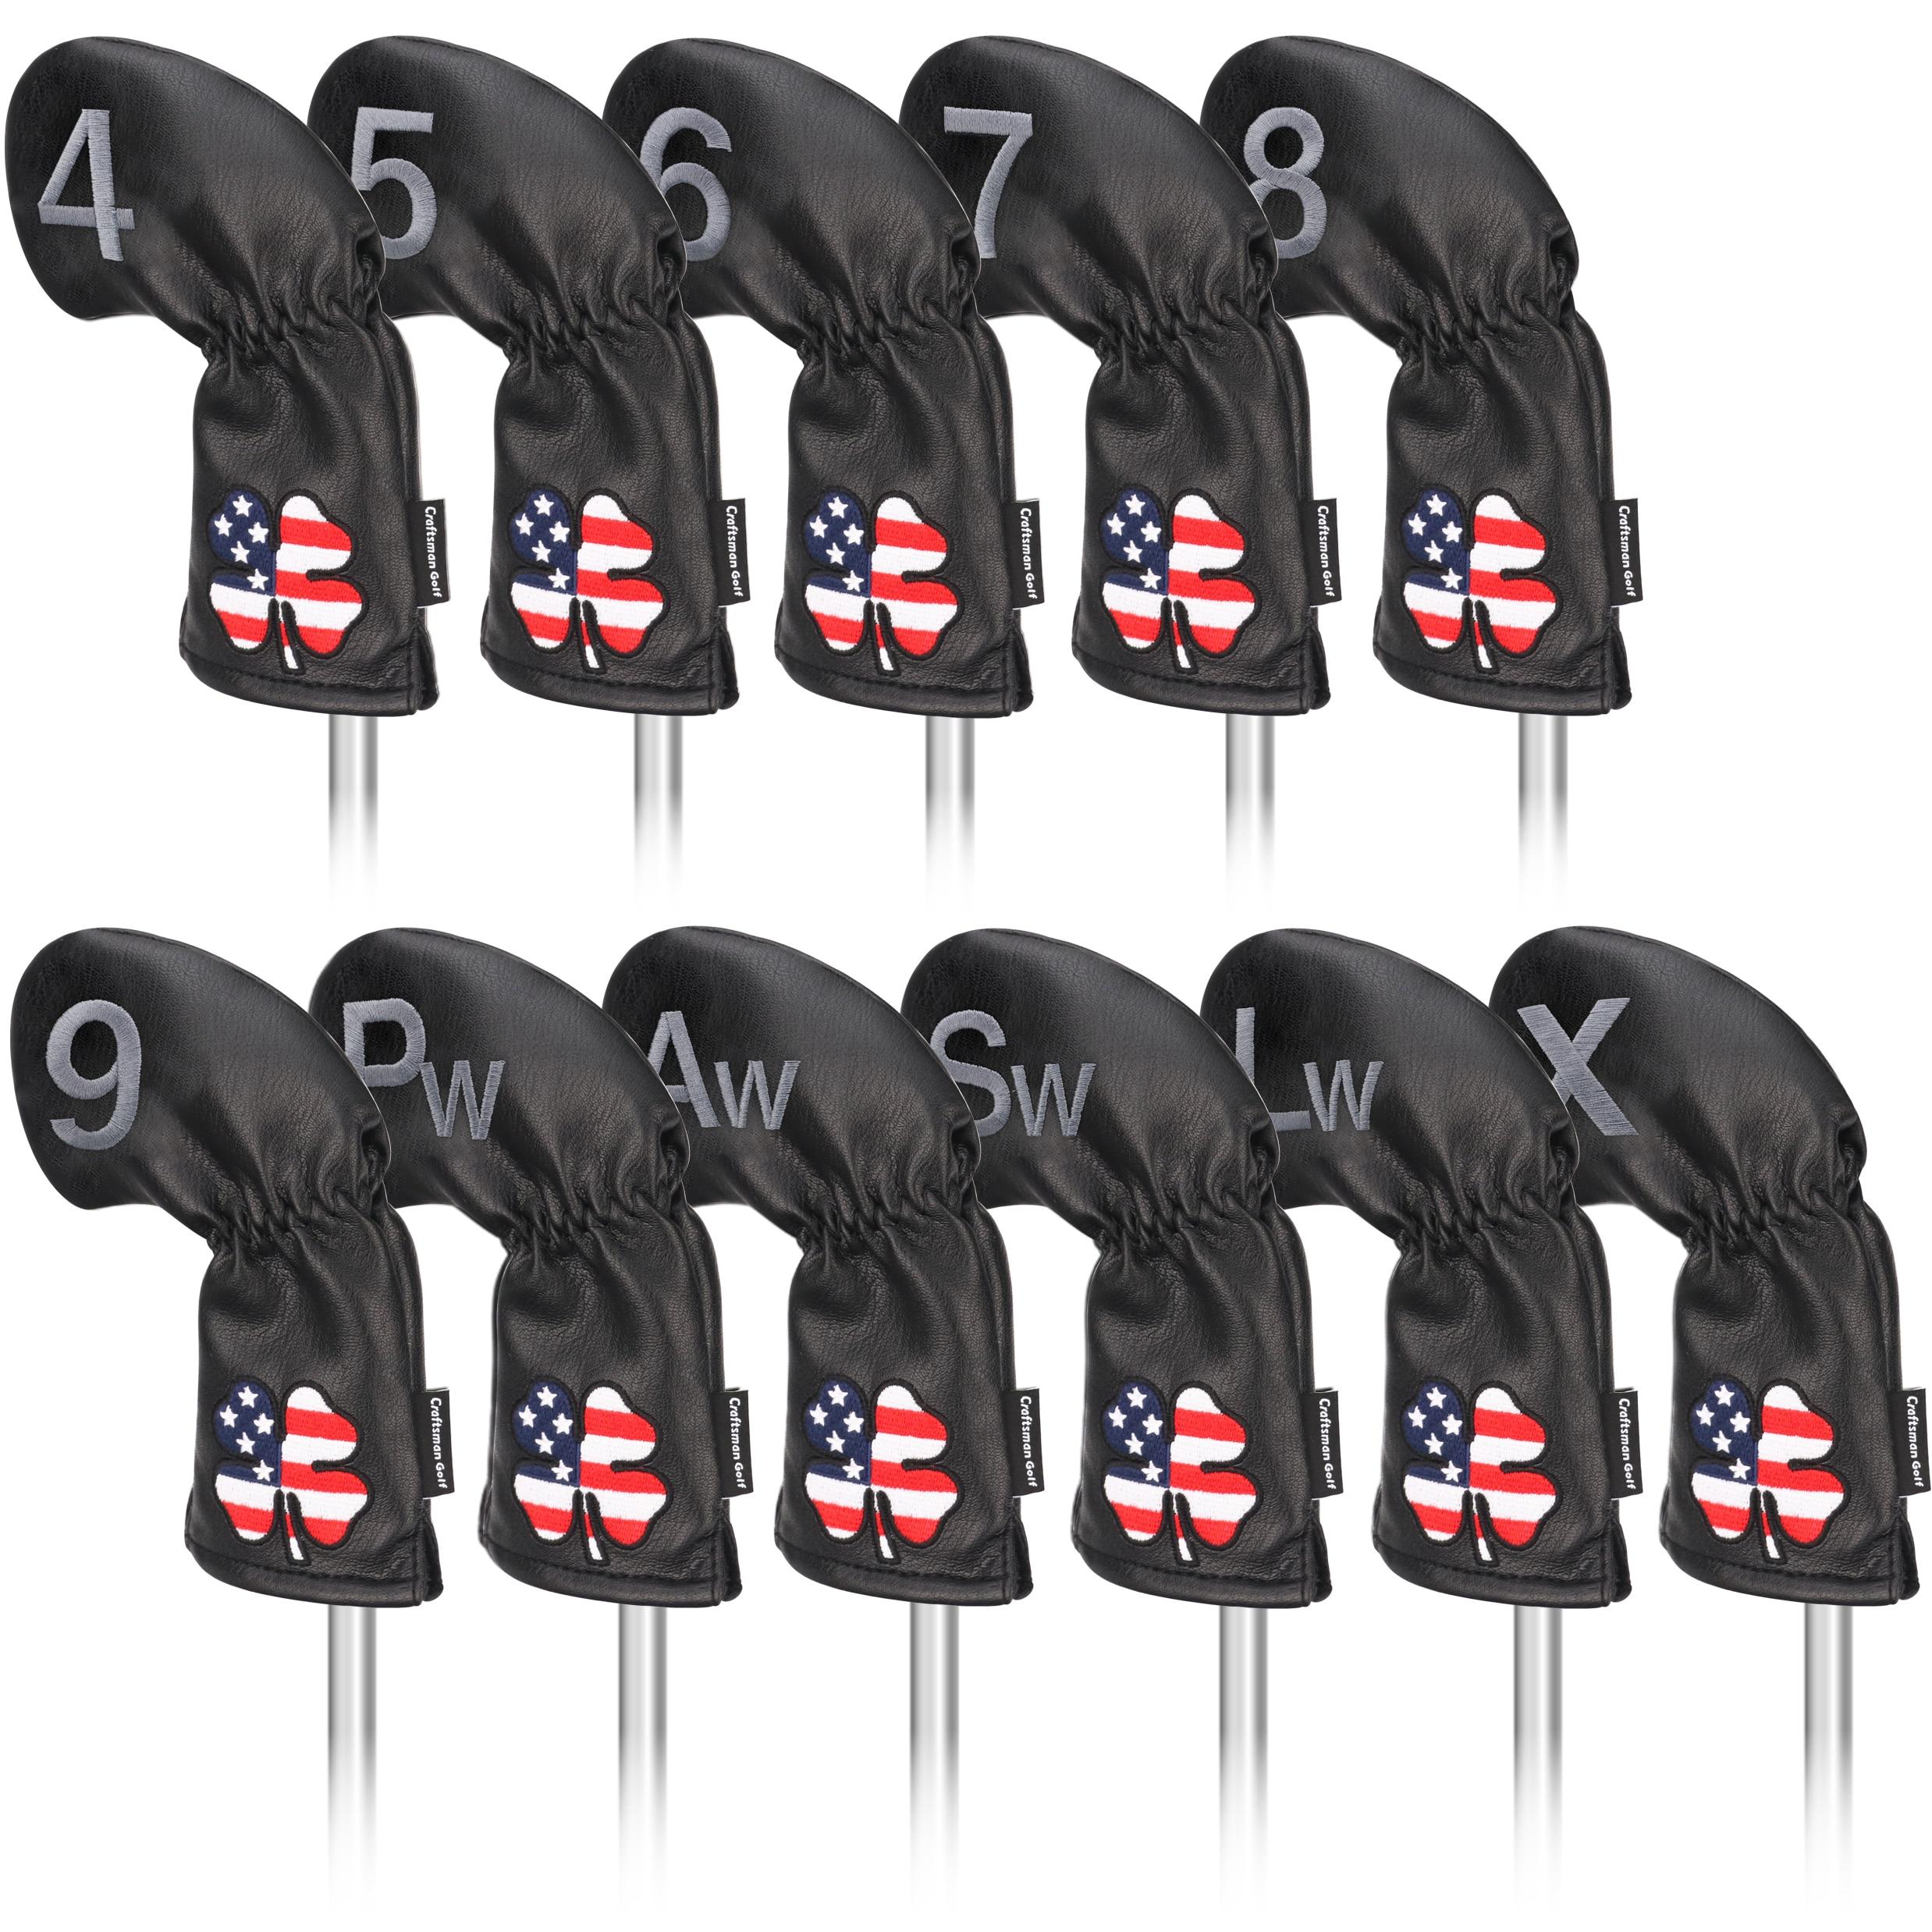 Железный Чехол Для Гольфа Craftsman, чехлы для гольфа с железной головкой, железные крышки для гольф-клуба, клинья 4,5,6,7,8,9,P,A,S,L,X